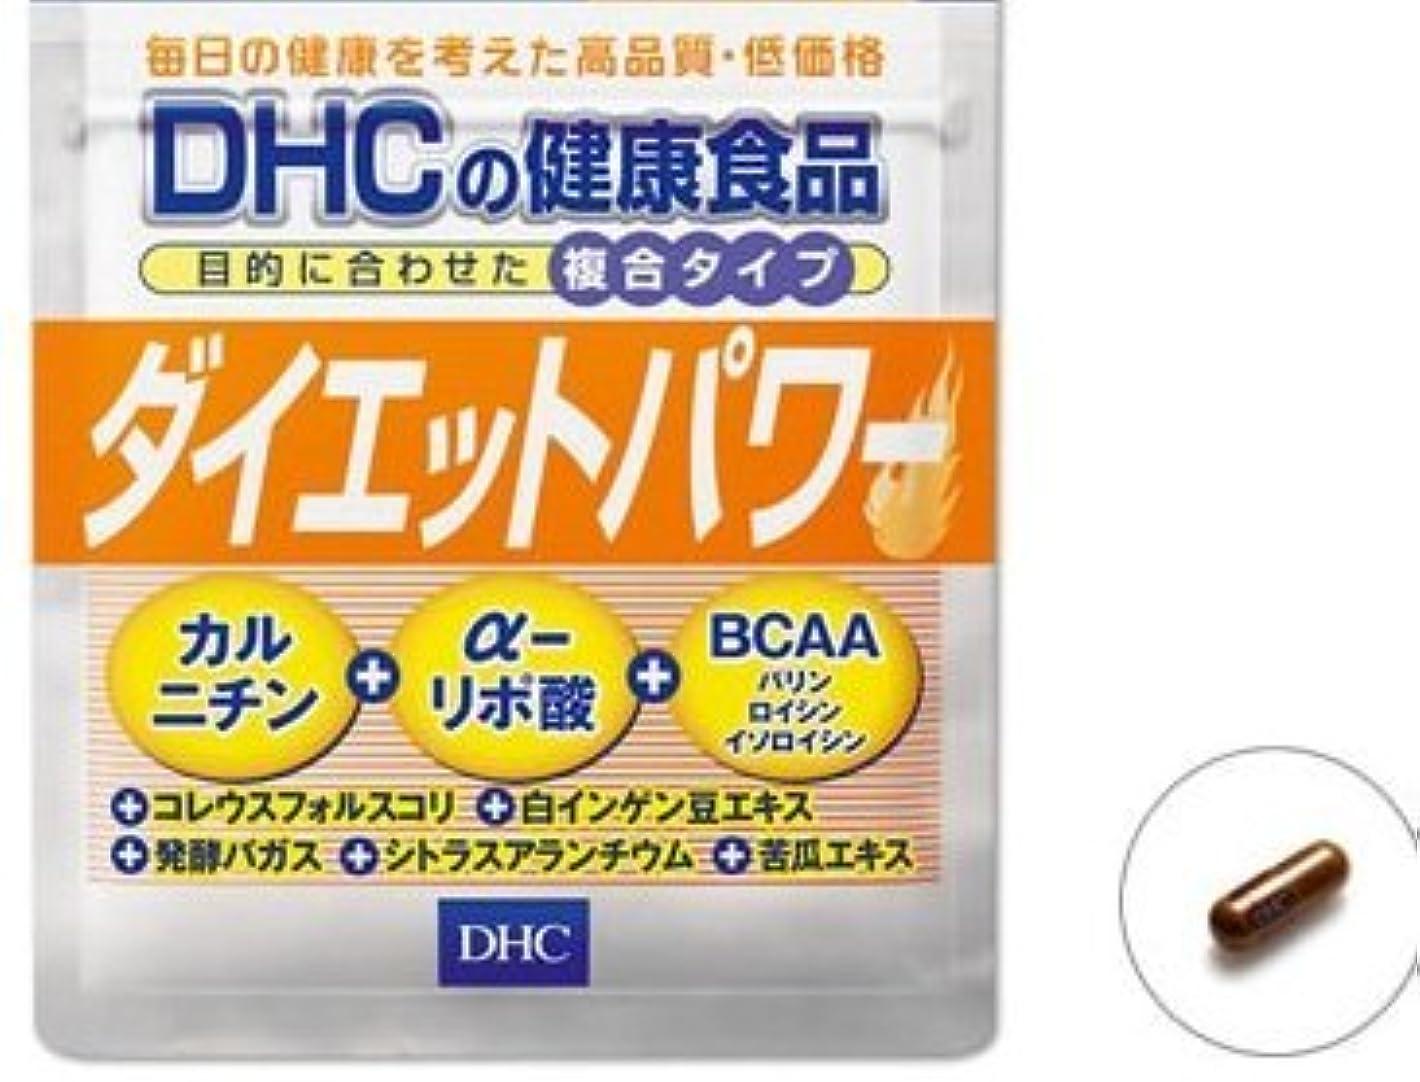 履歴書歴史家プランテーションDHC ダイエットパワー 20日分 × 5セット